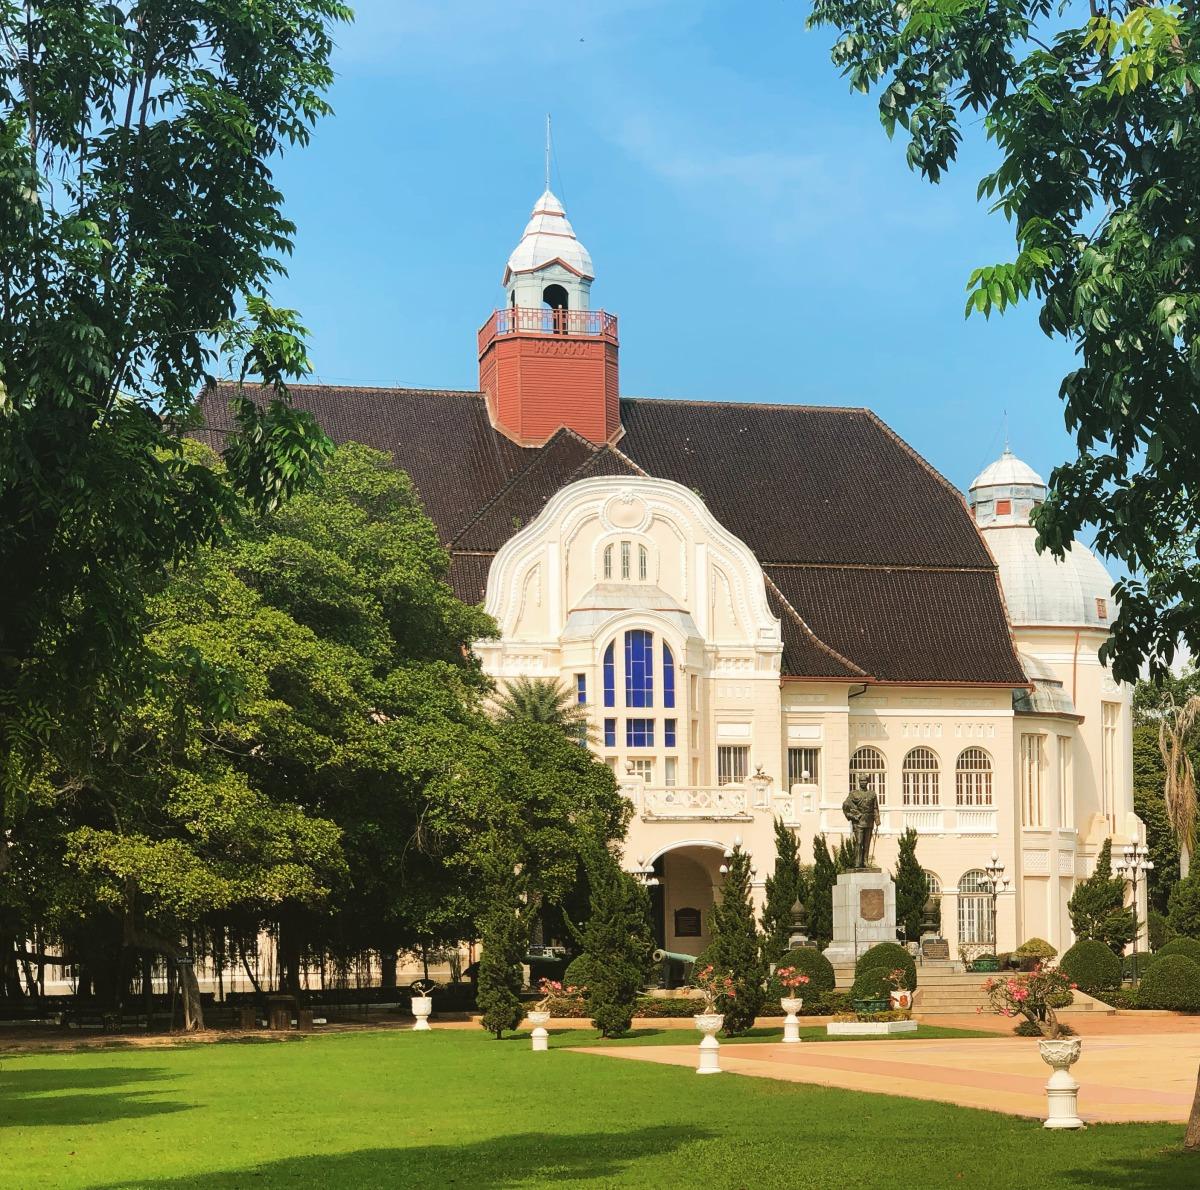 那些年,我們一起蓋的歐風行宮—泰國卻克里王朝西化遺緒